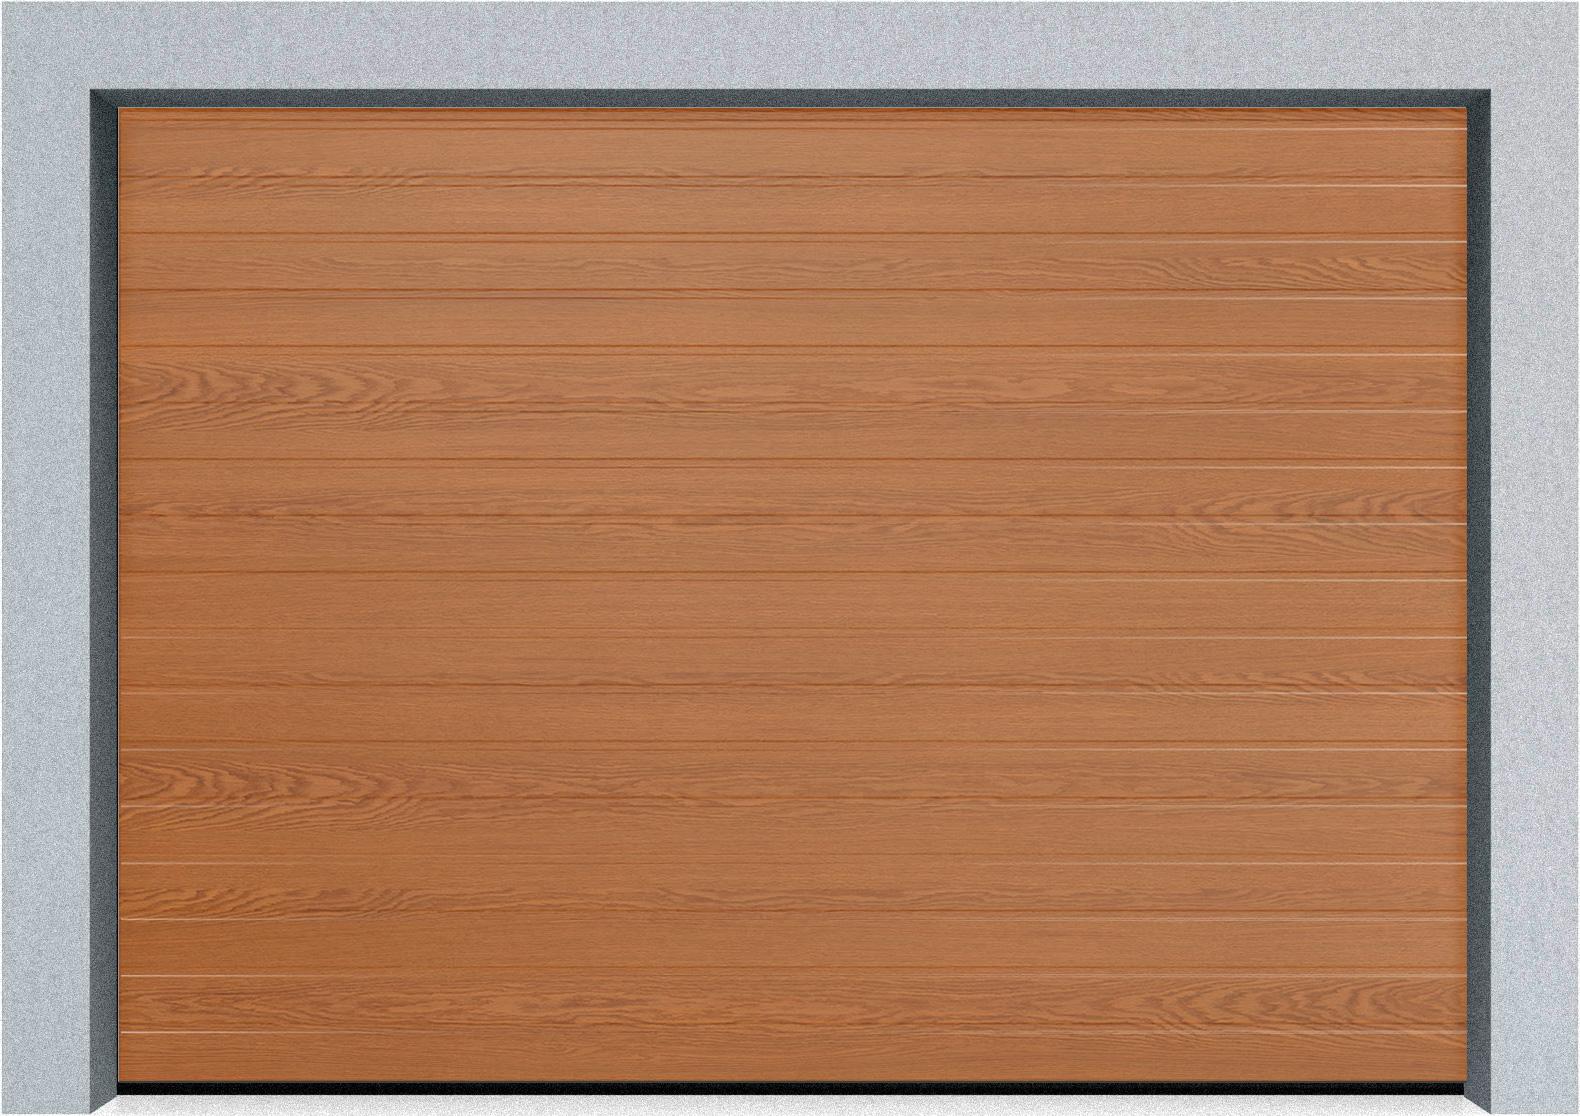 Секционные гаражные ворота Alutech Prestige 6000х3250 S-гофр, M-гофр, L-гофр цвета под дерево, торсионные пружины, фото 1